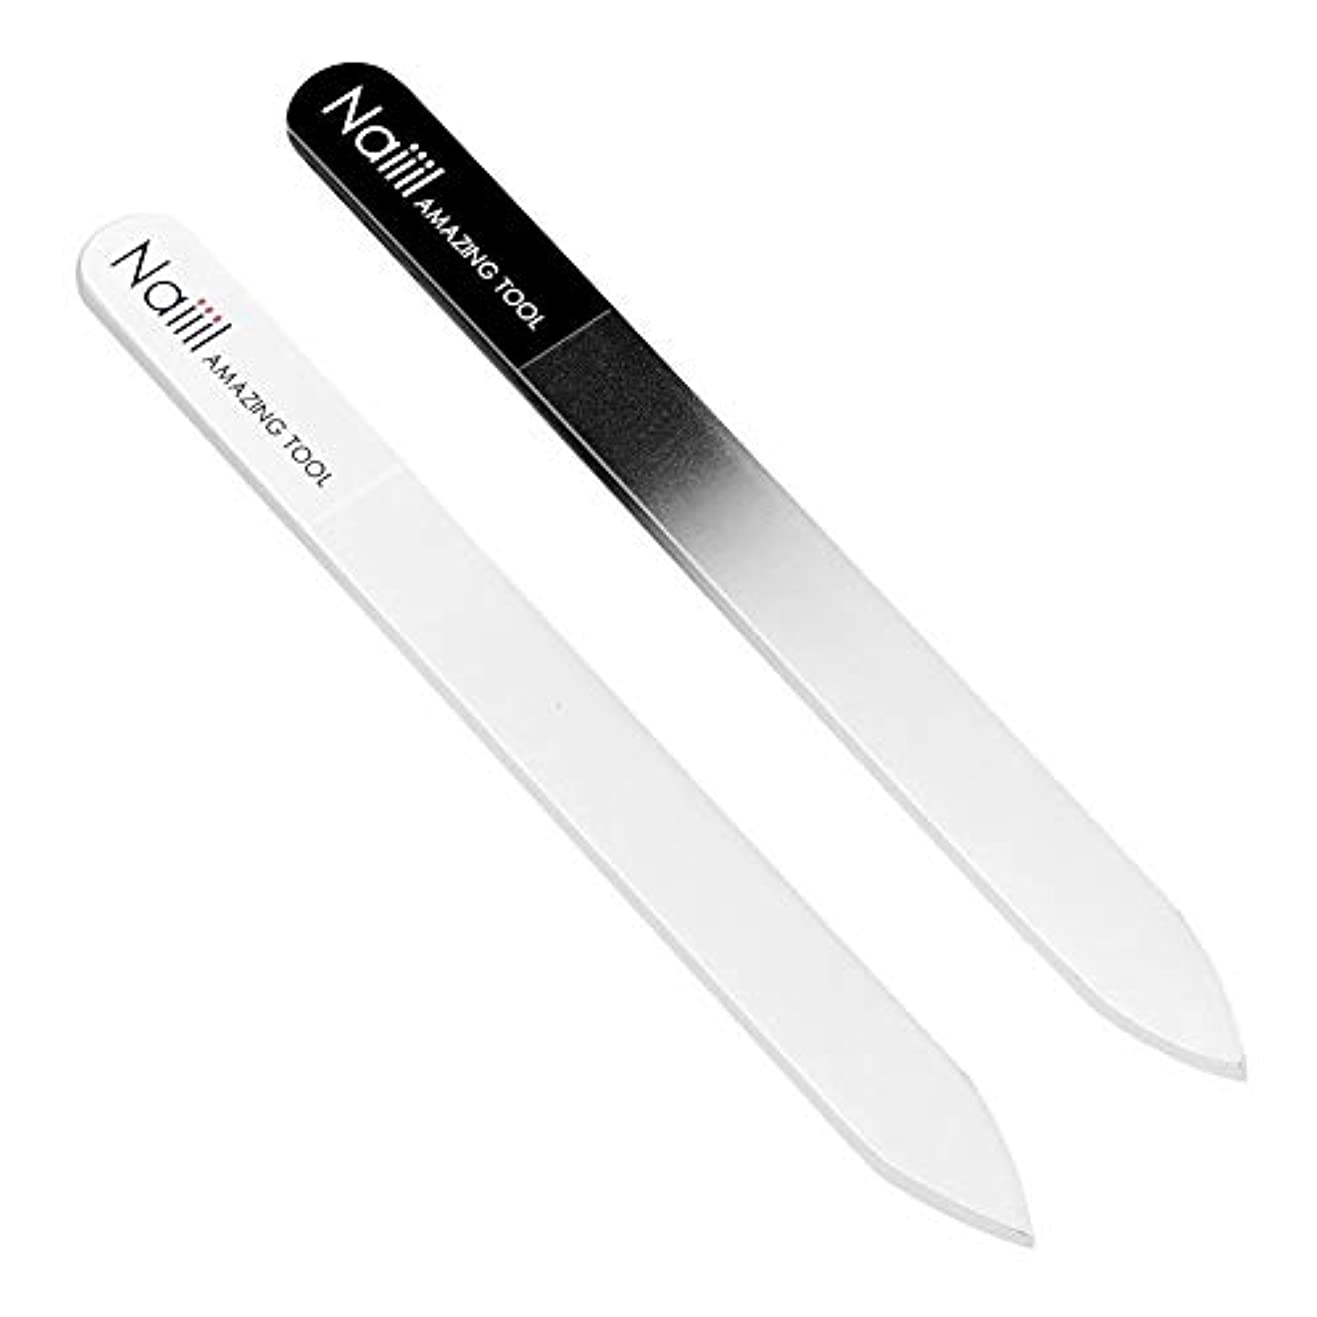 期待する揃えるコートNaiiil [2本セット] ガラス製爪やすり 専用ケース付 持ち運びやすい 持久耐用